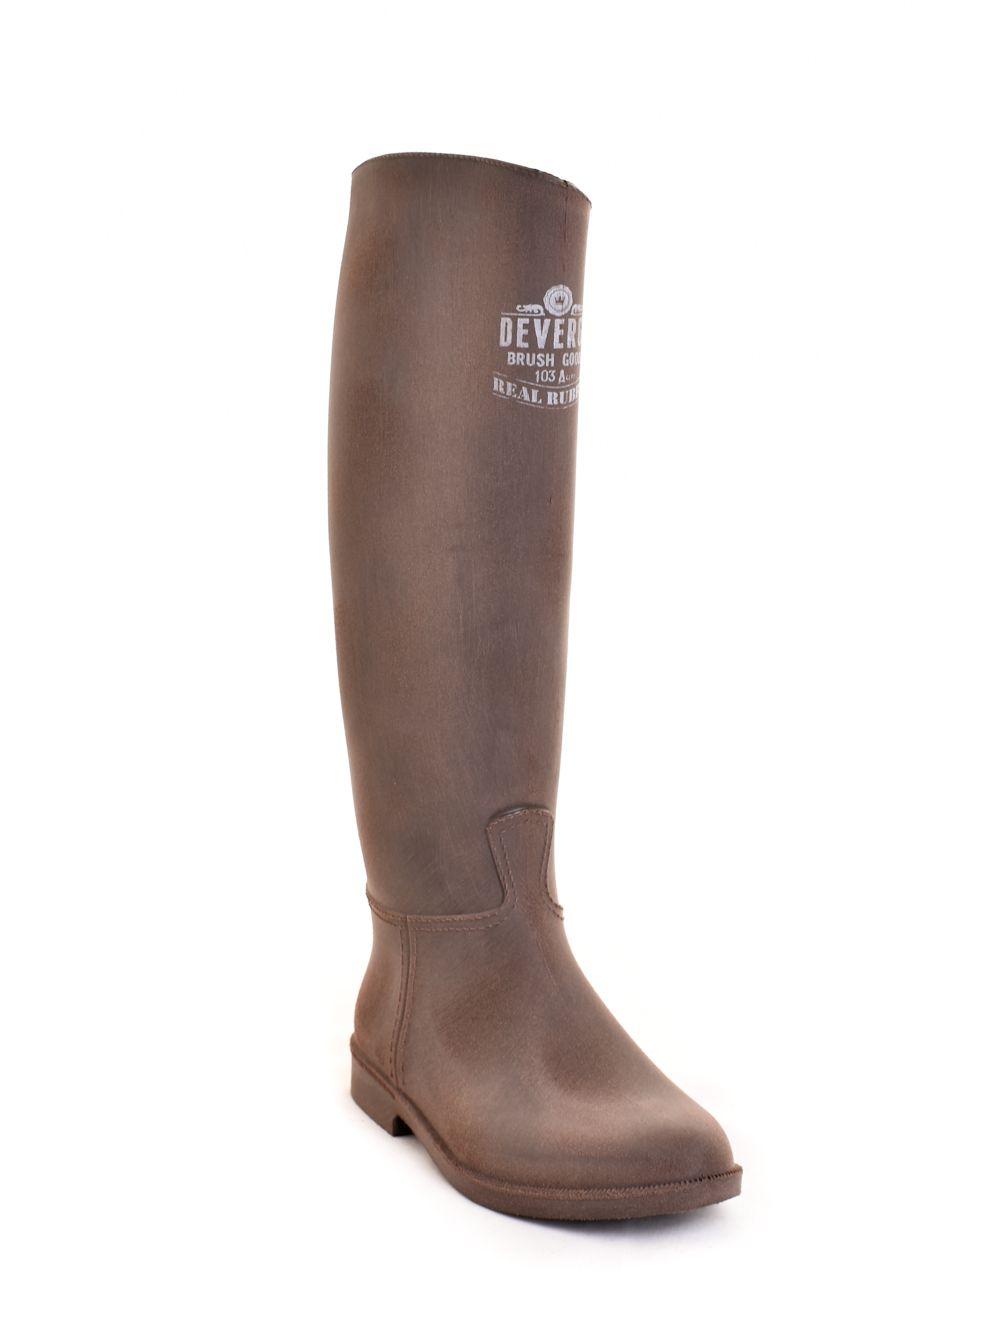 Női - Cipő Devergo - Hosszúszárú gumicsizma  e50664e503